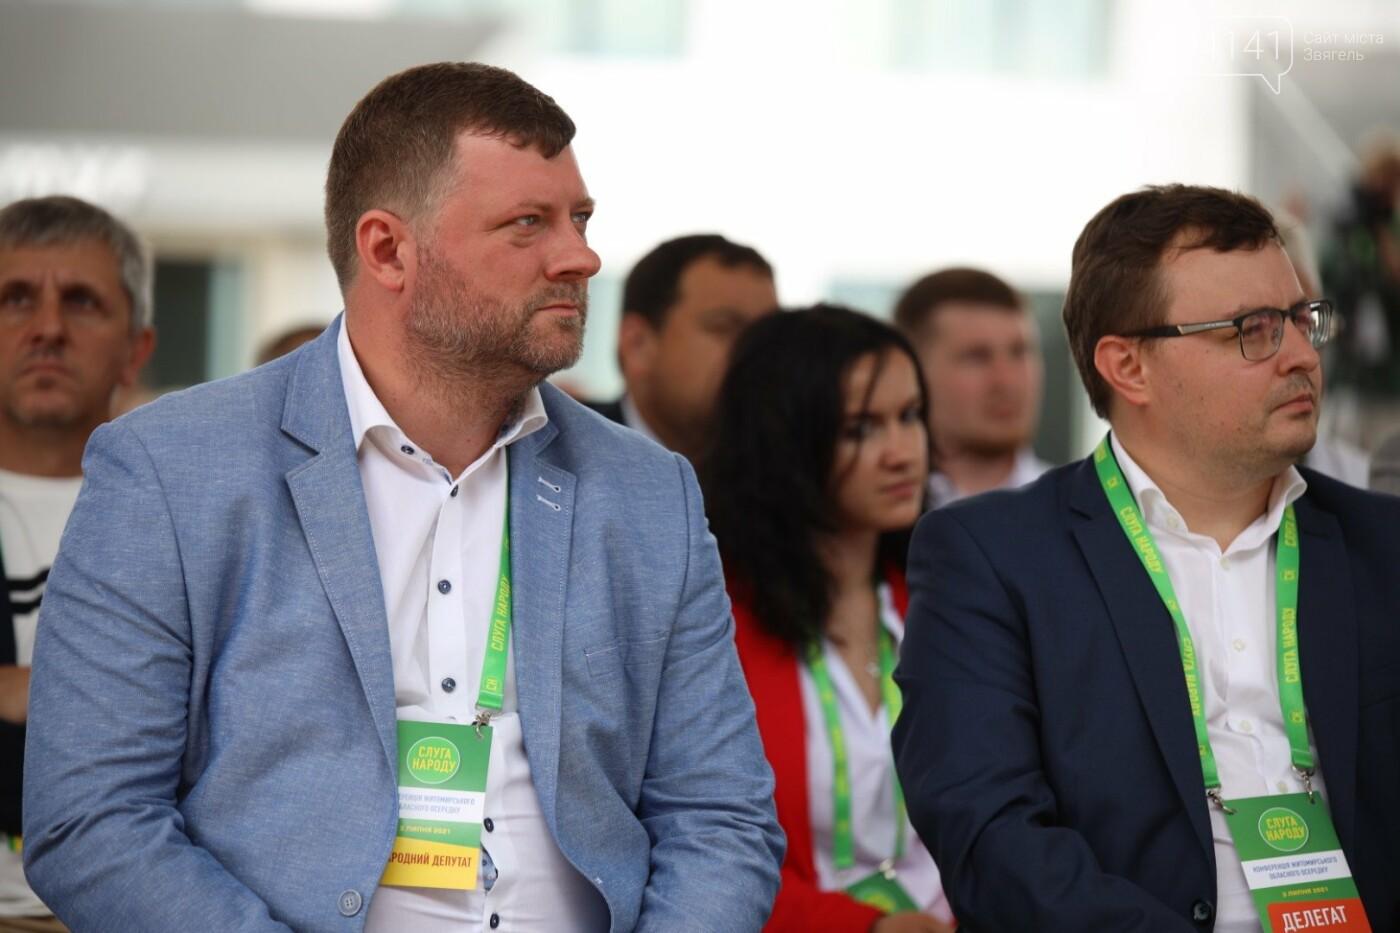 Арсеній Пушкаренко: Пріоритет команди «Слуга Народу» – створення нової якісної інфраструктури в країні, фото-5